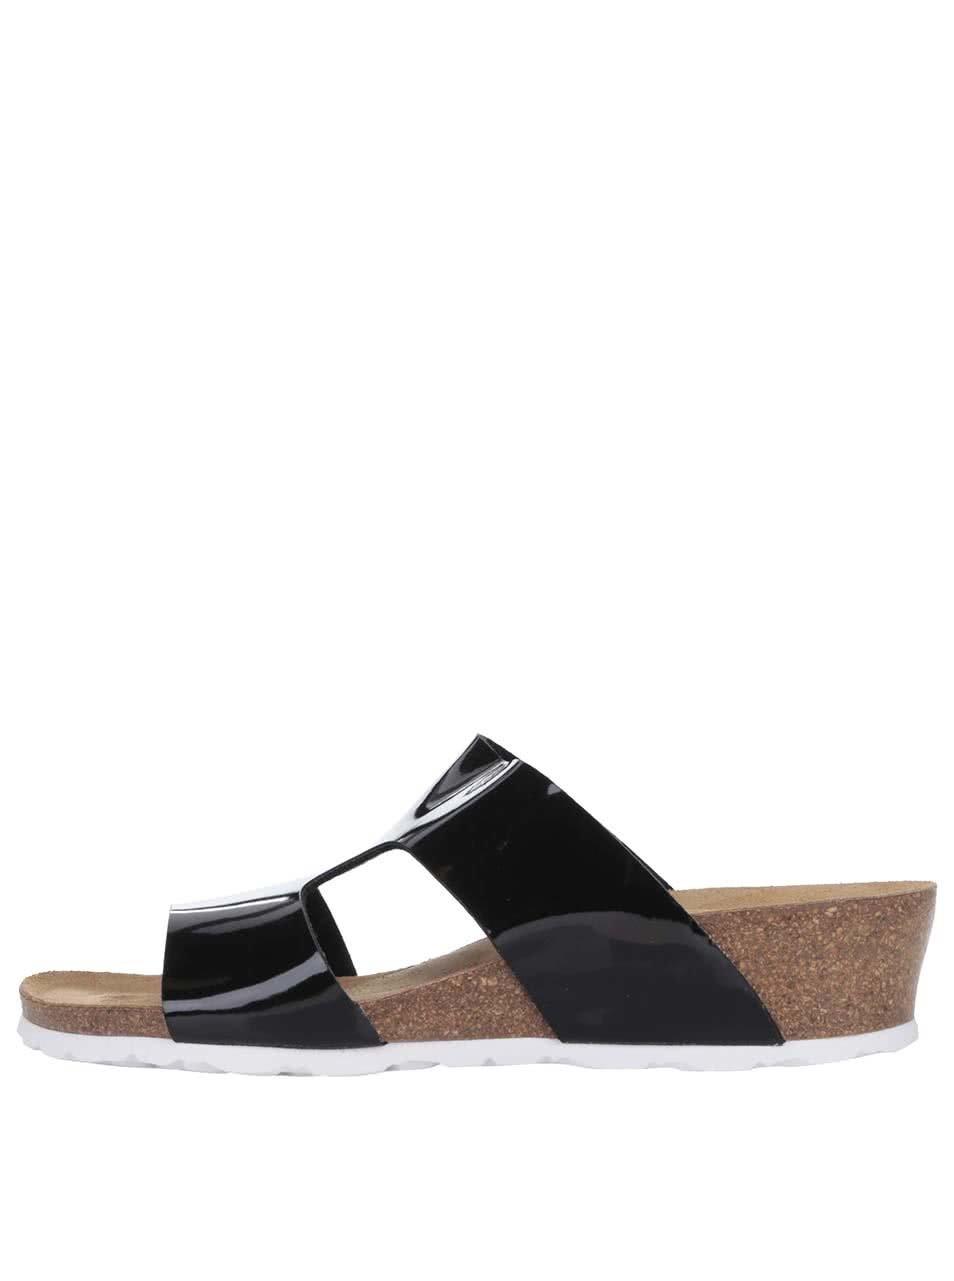 Černé lesklé dámské pantofle na platformě OJJU